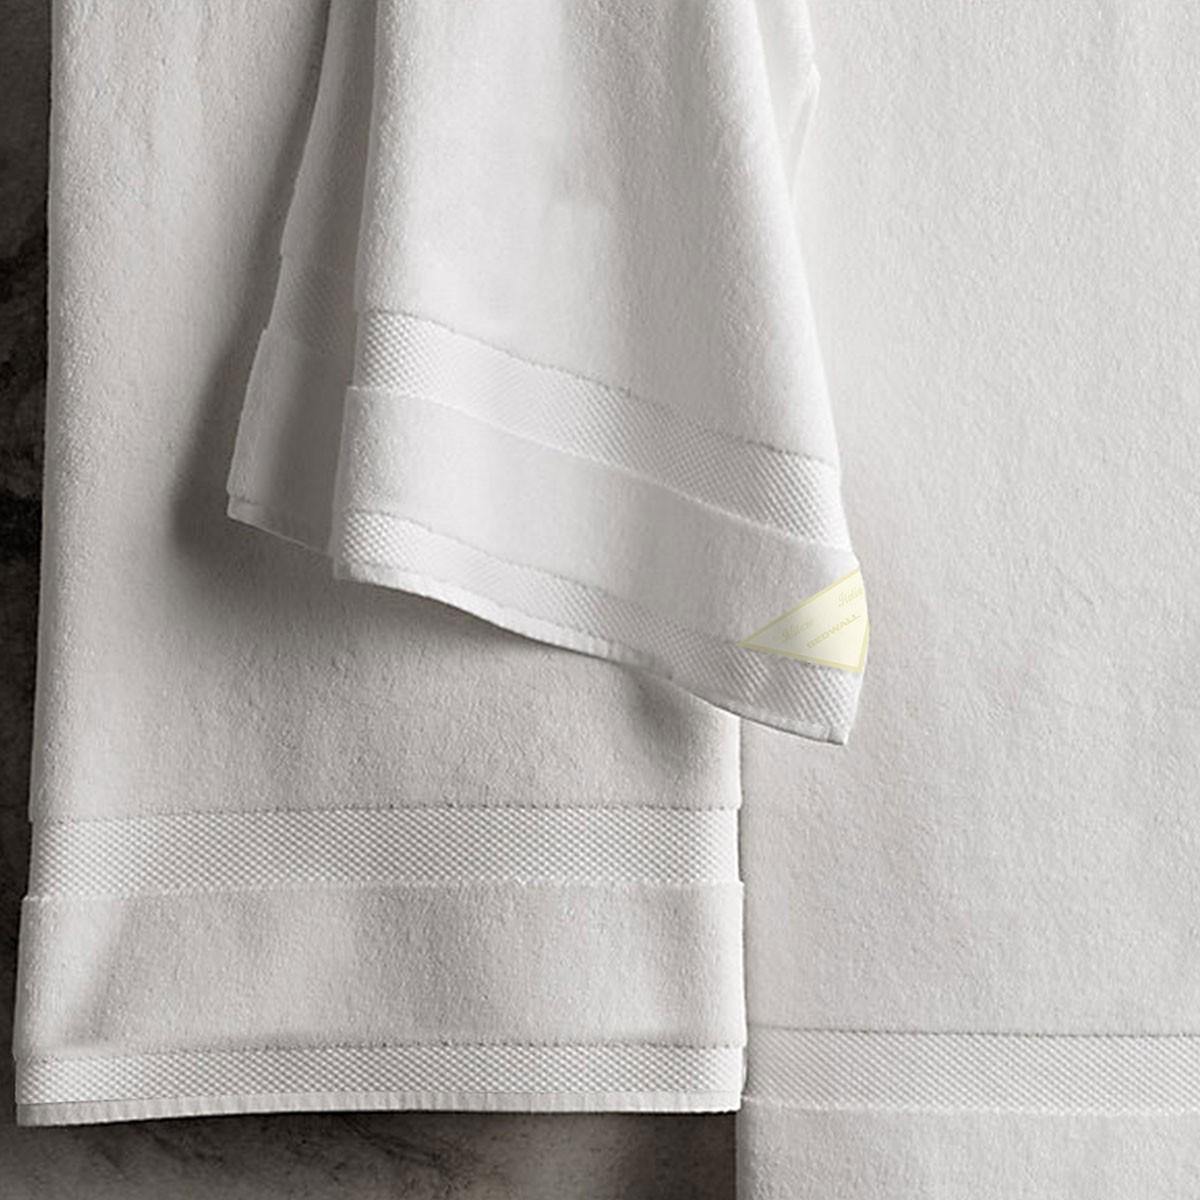 Πετσέτες Μπάνιου (Σετ 3τμχ) Bedwall Super Soft White